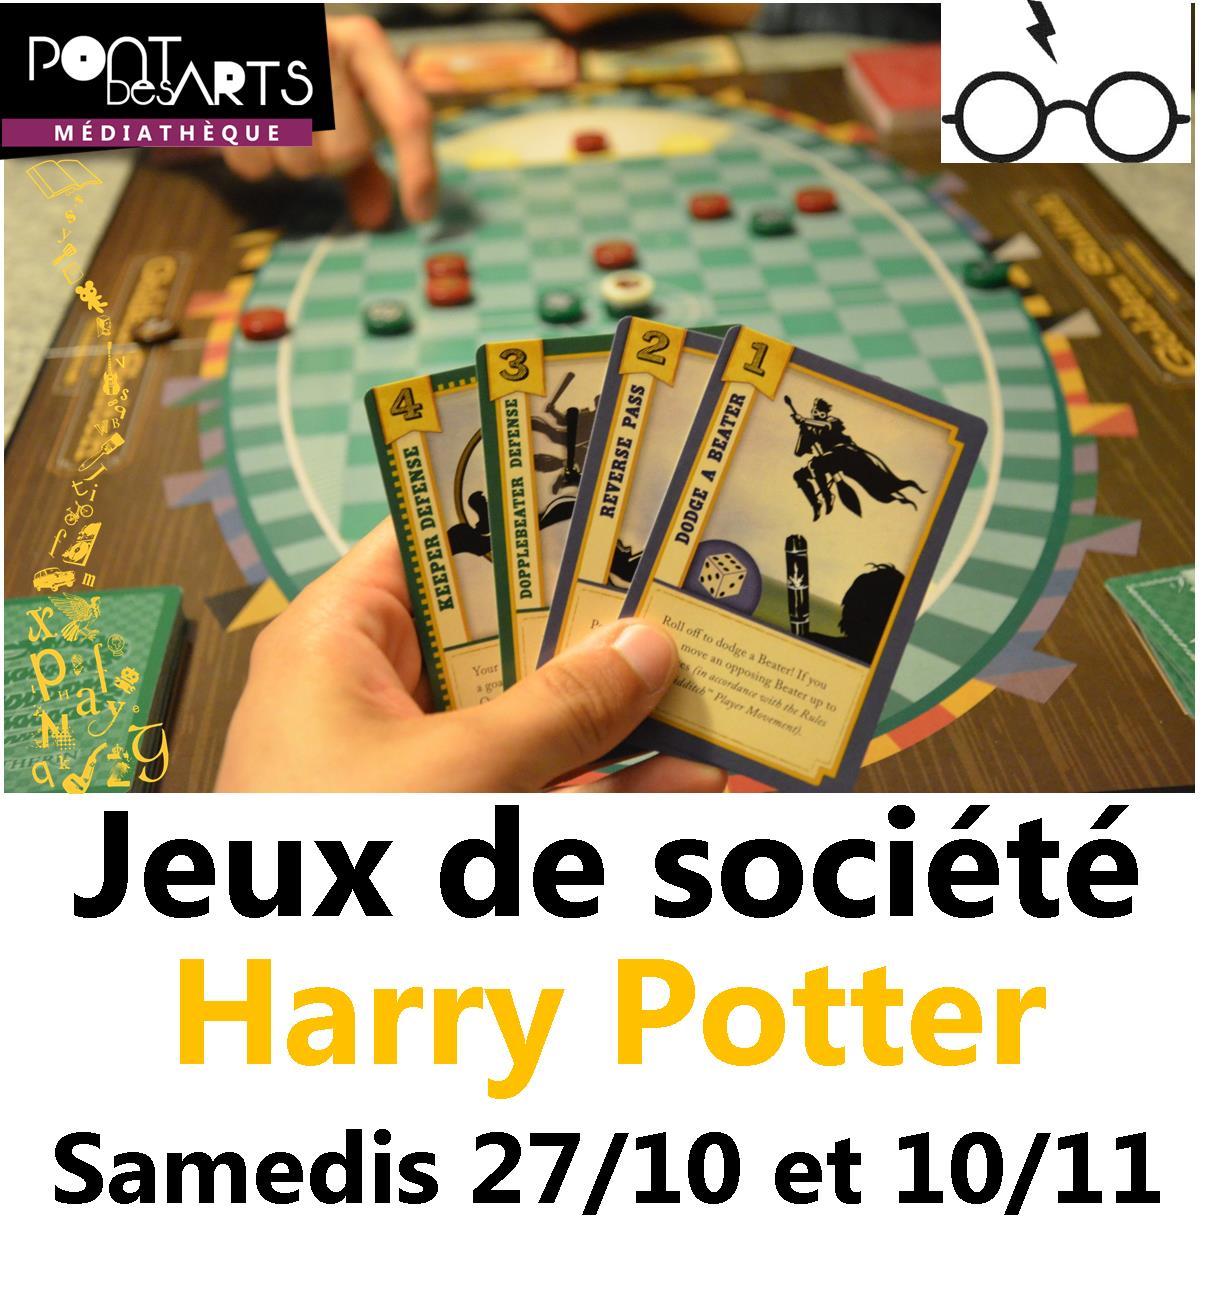 Jeux de société Harry Potter |